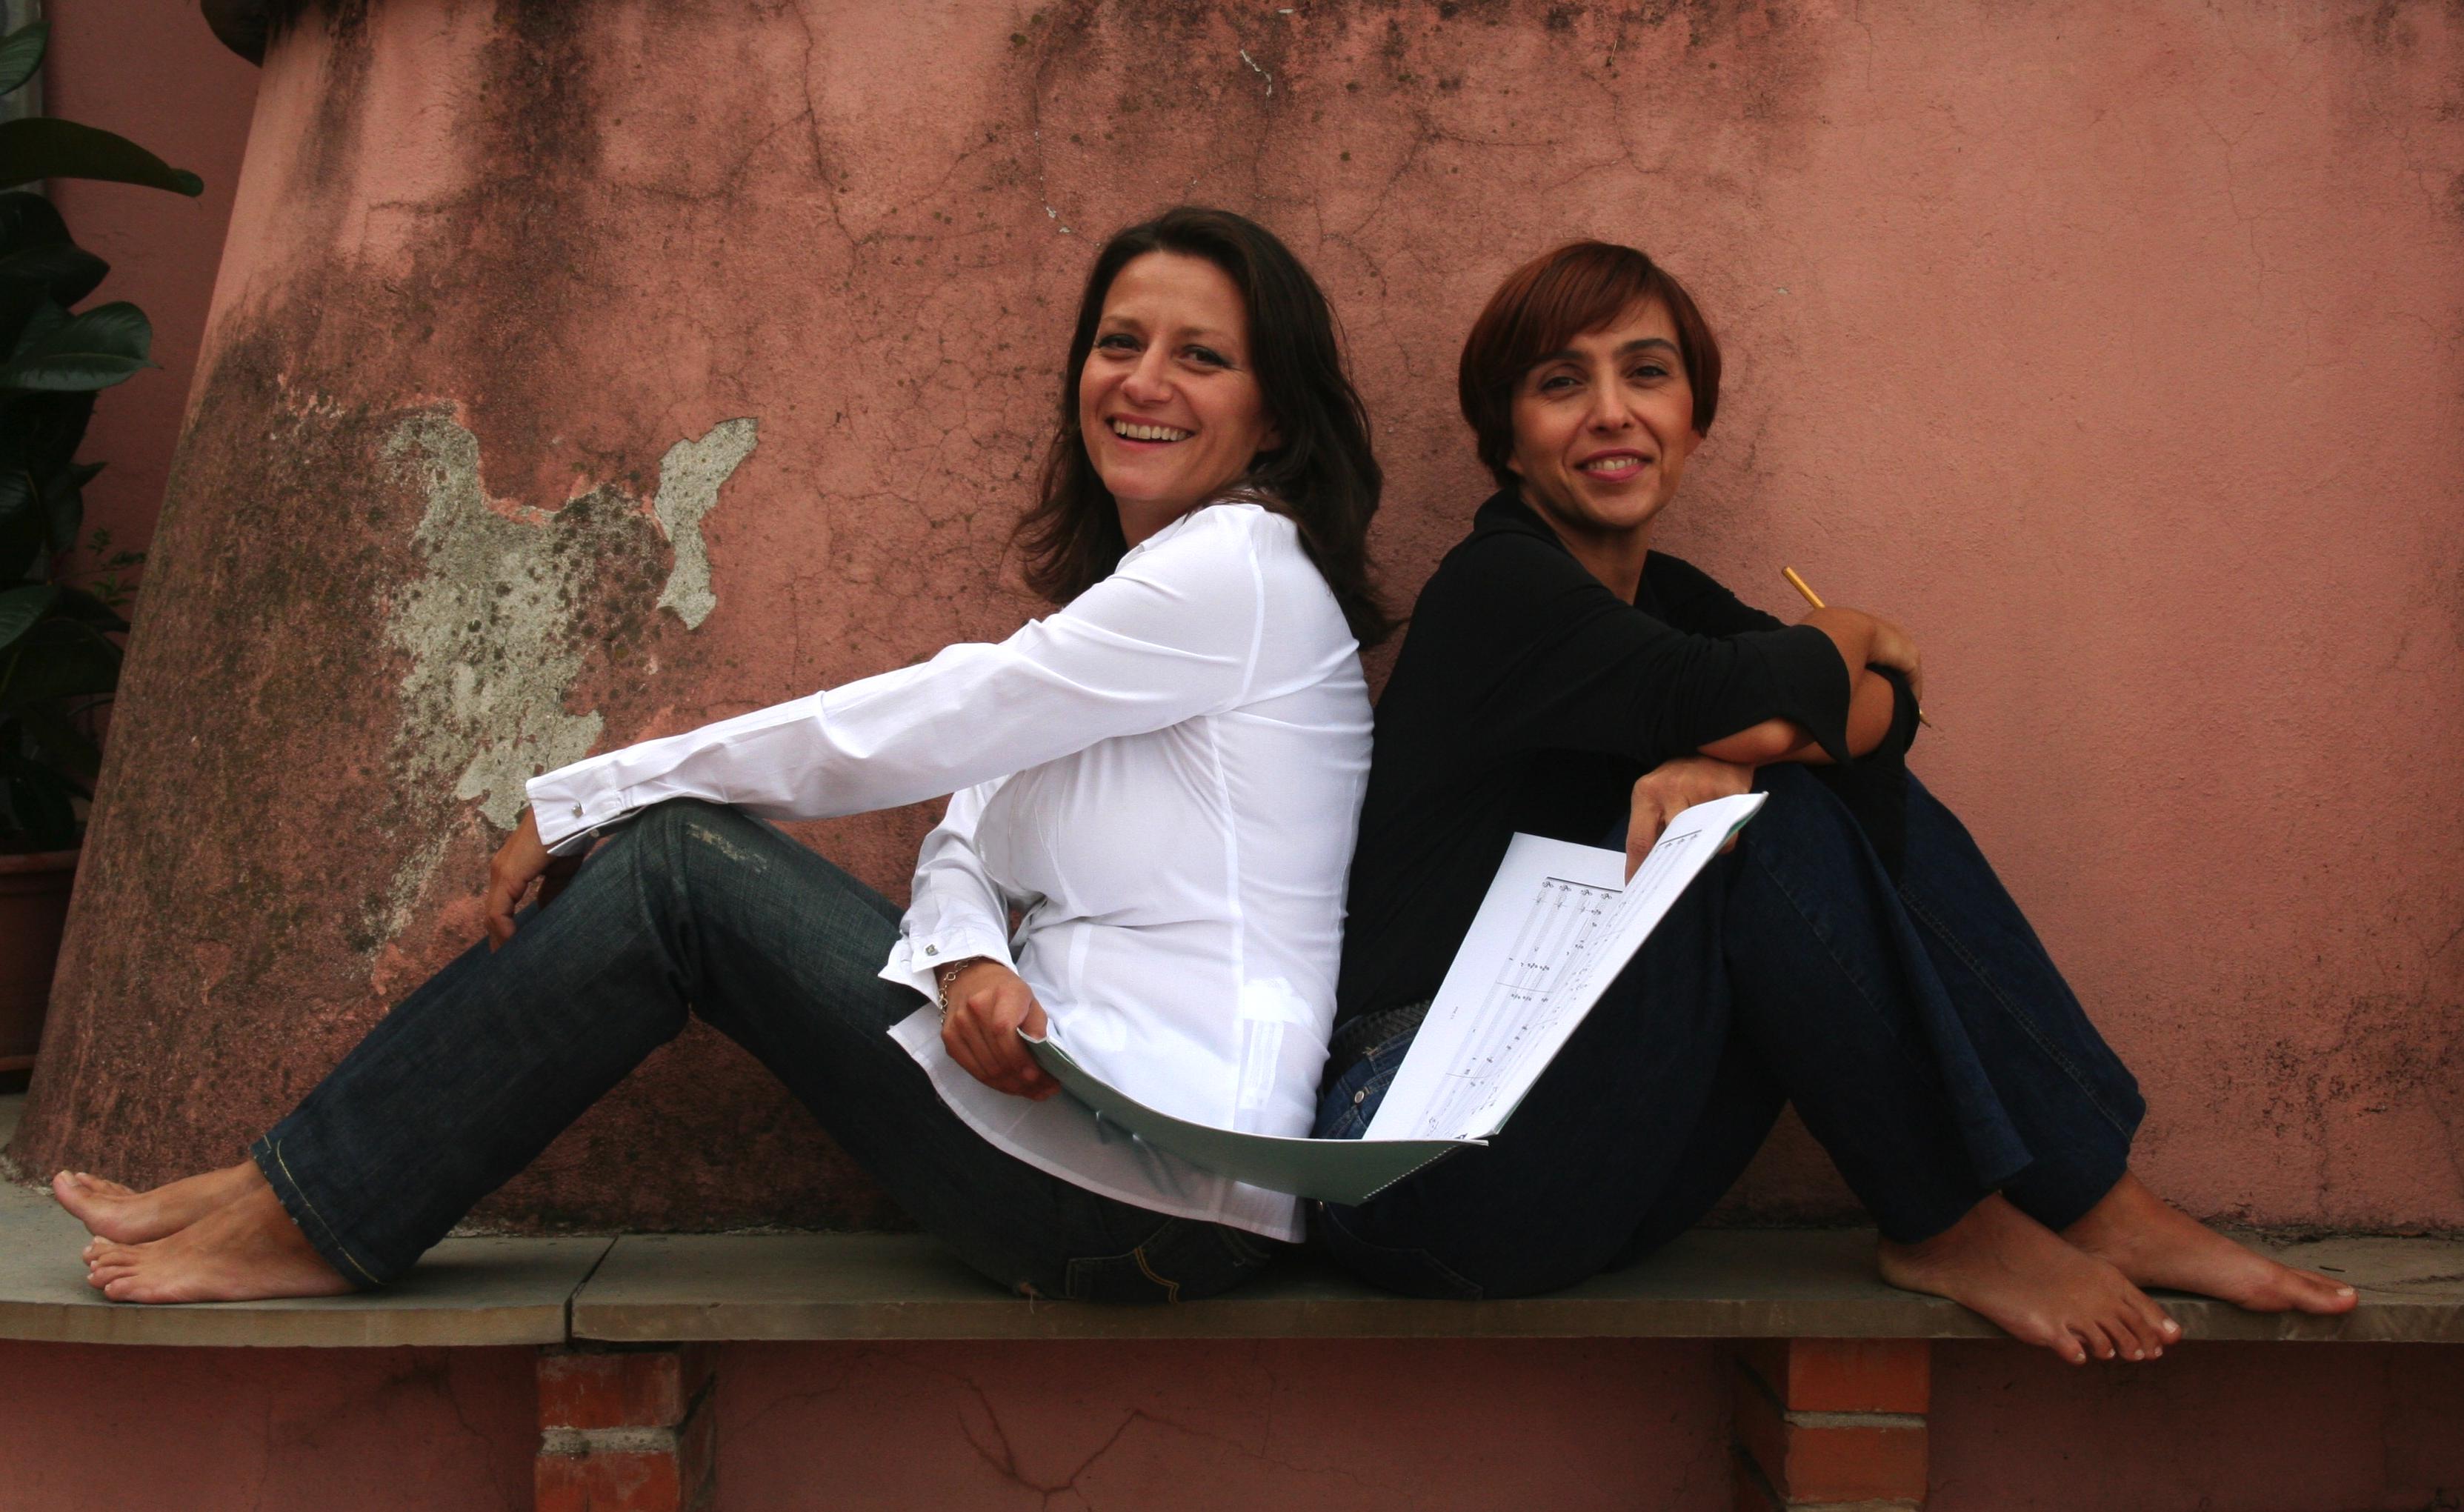 Carla Magnan e Carla Rebora©A.Spalluto